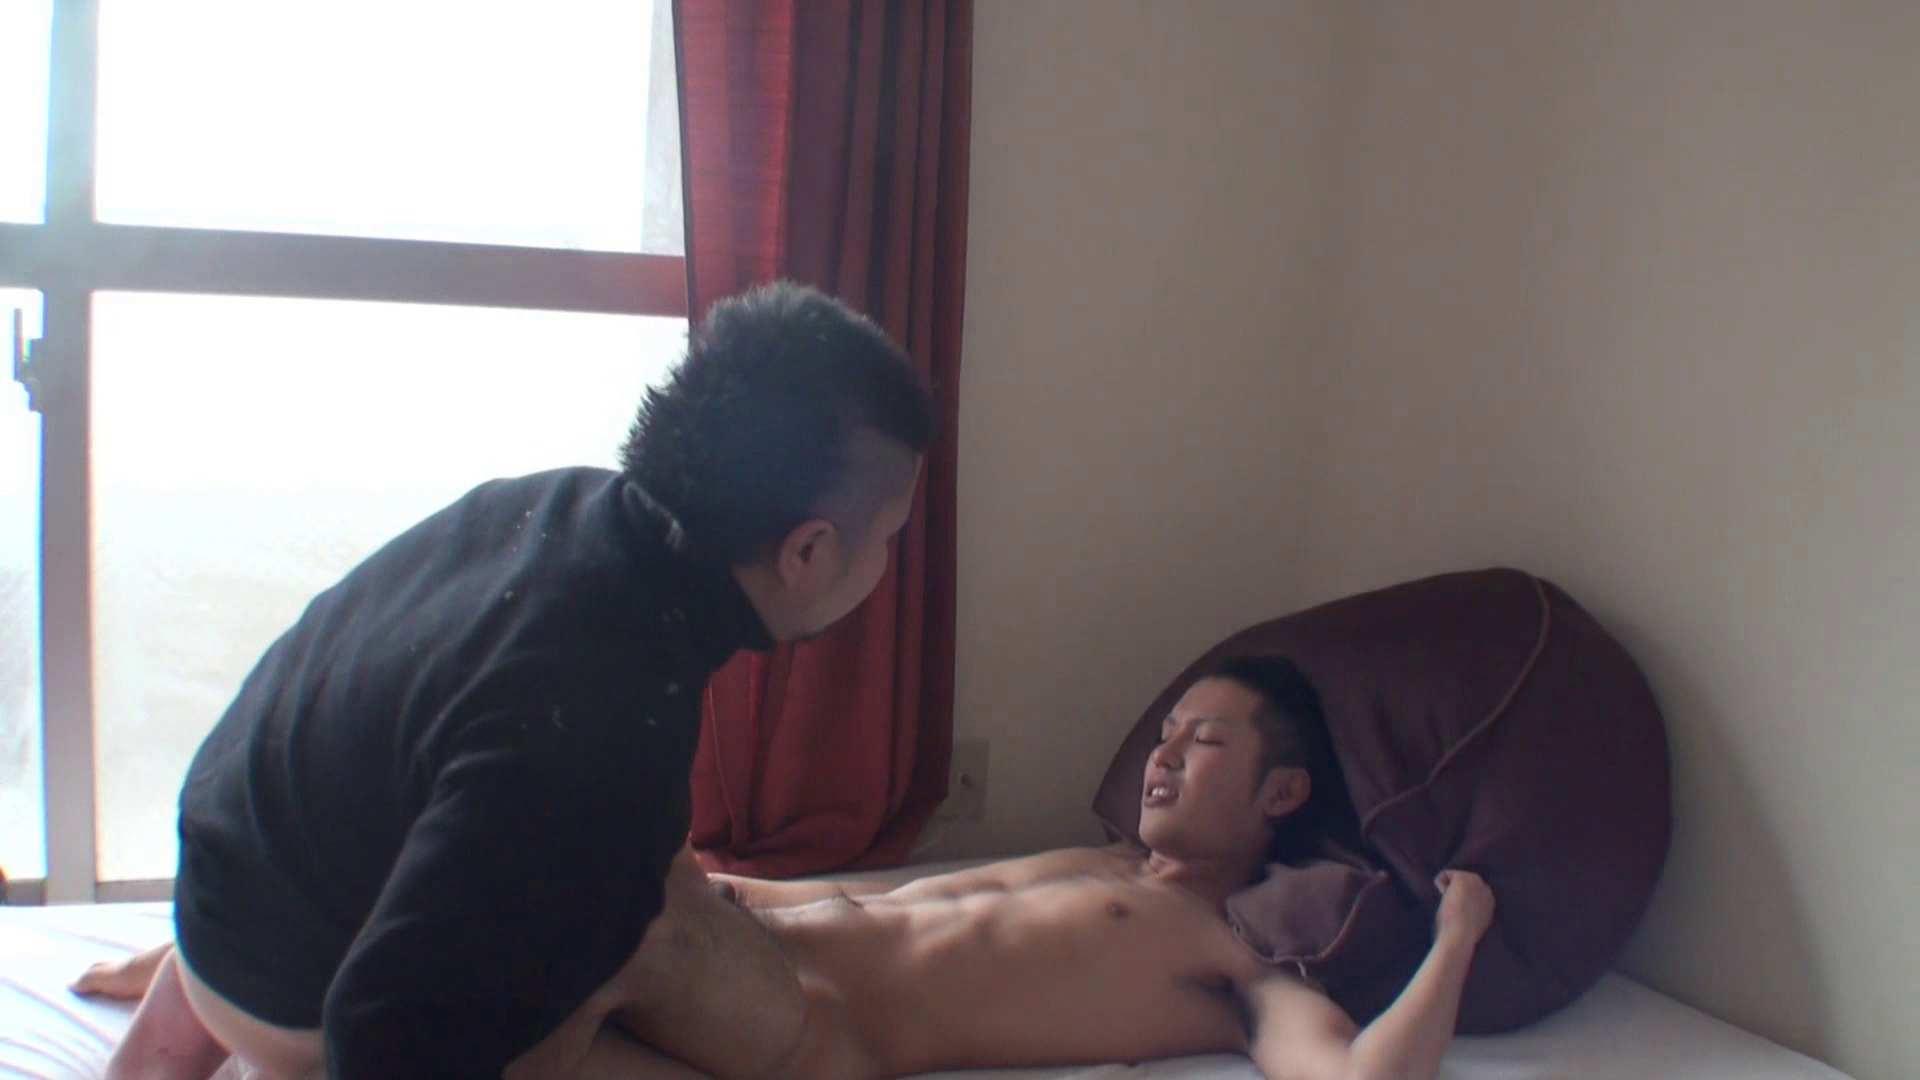 HD 良太と健二当たり前の日常 セックス編 男子カップル ゲイエロ動画 65枚 59